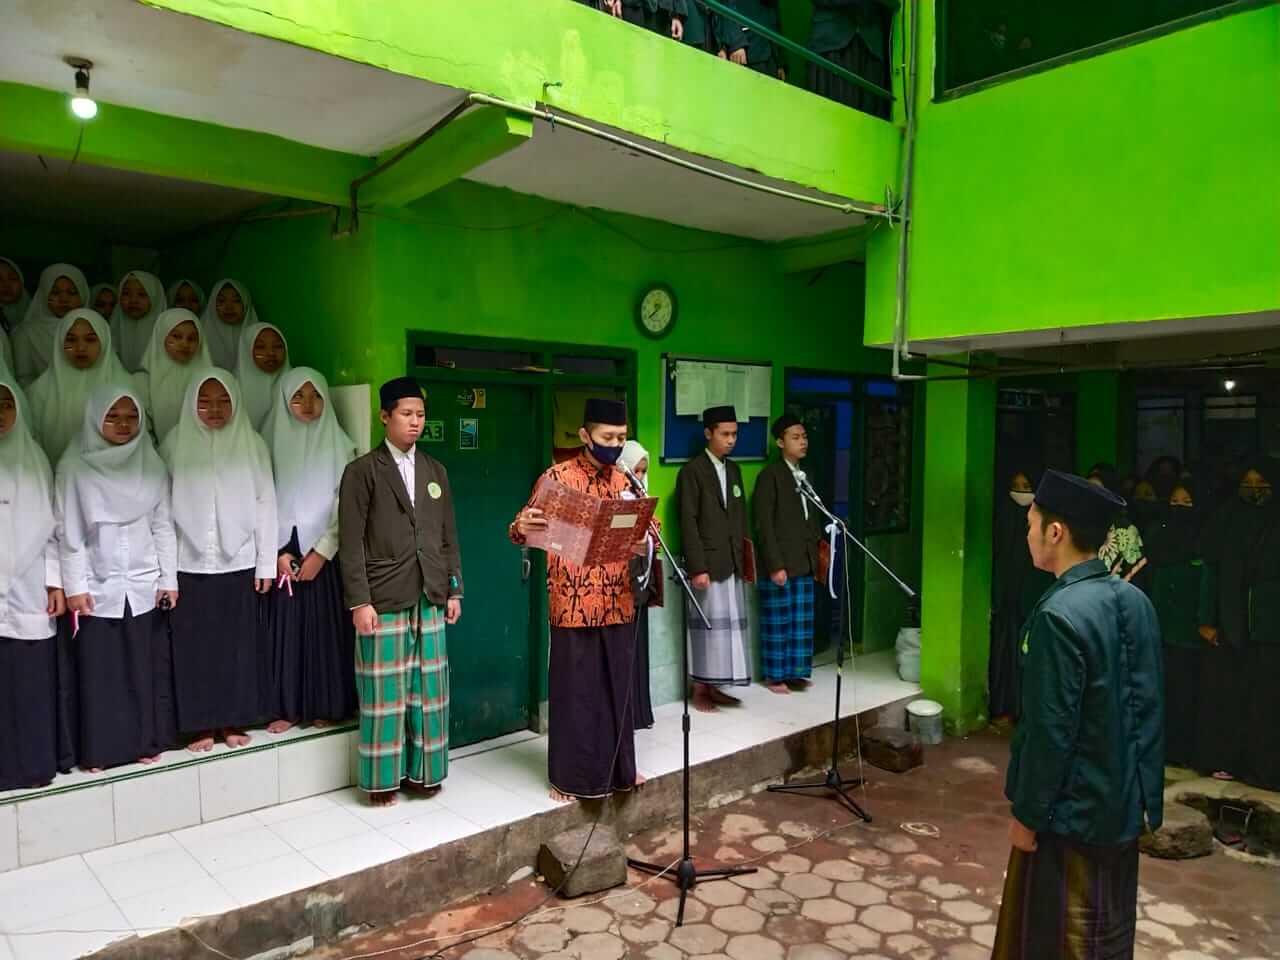 Pelaksanaan Upacara sebagai Peringatan Kemerdekaan Indonesia 17 Agustus 2020